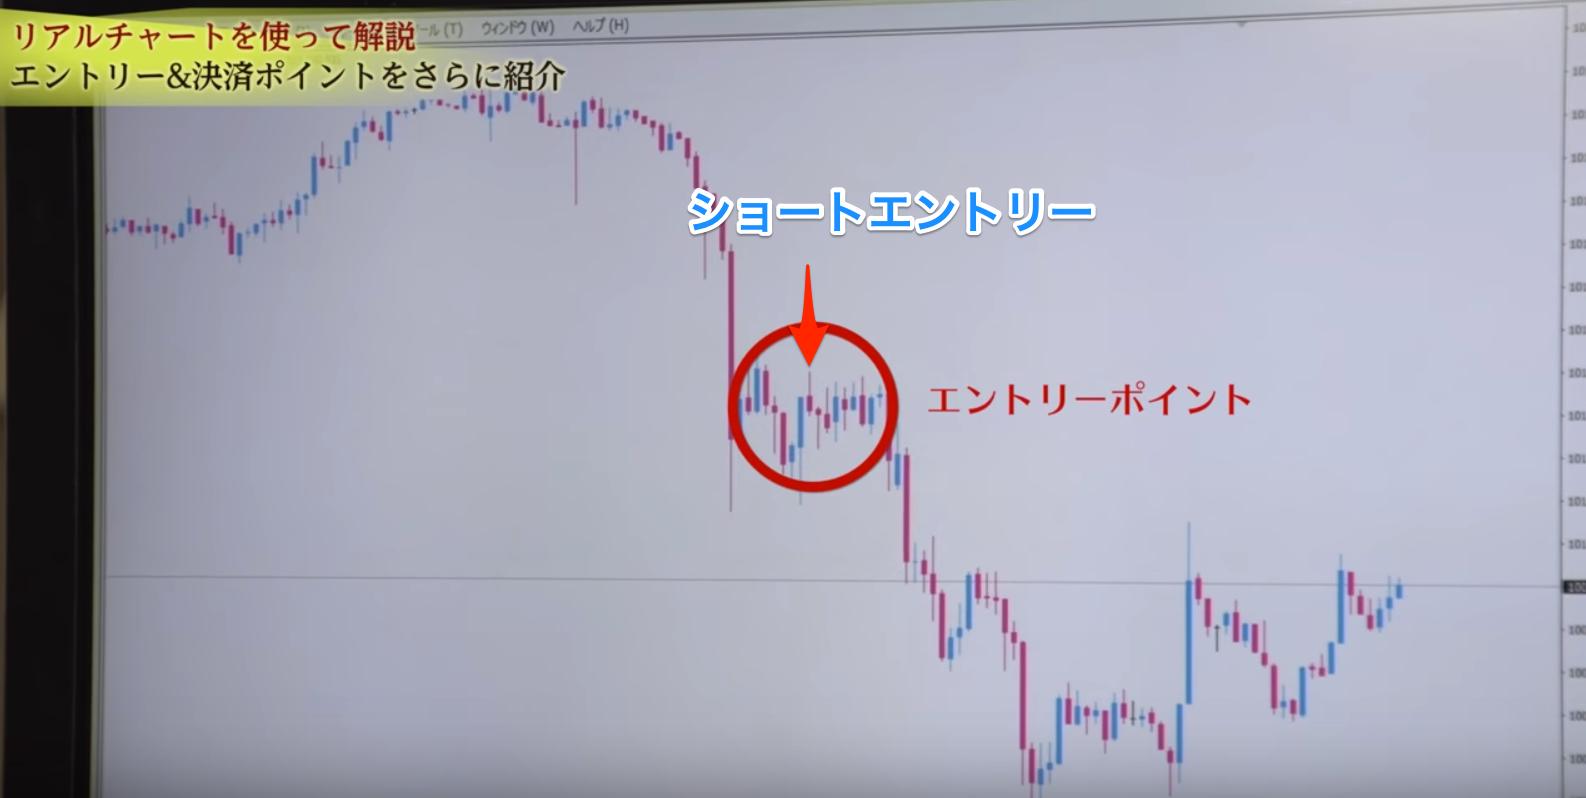 【2】ロジック大暴露!さらなる秘密兵器とは?:FX仙人 10